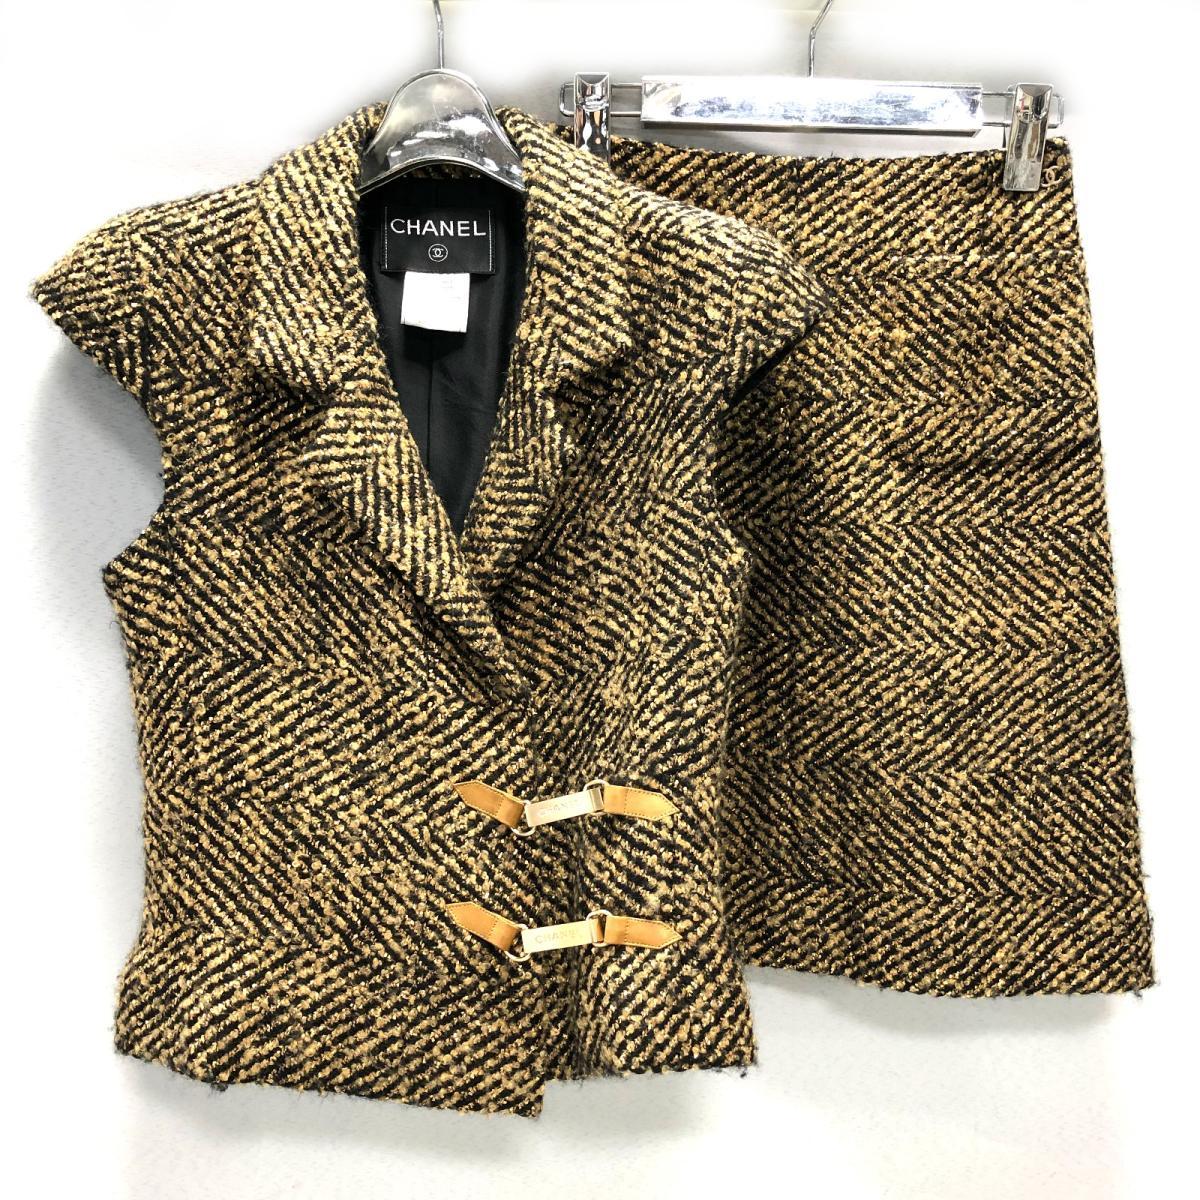 【中古】 シャネル 2Pセットアップ レディース ゴールド x ブラック   CHANEL BRANDOFF ブランドオフ 衣料品 衣類 ブランド